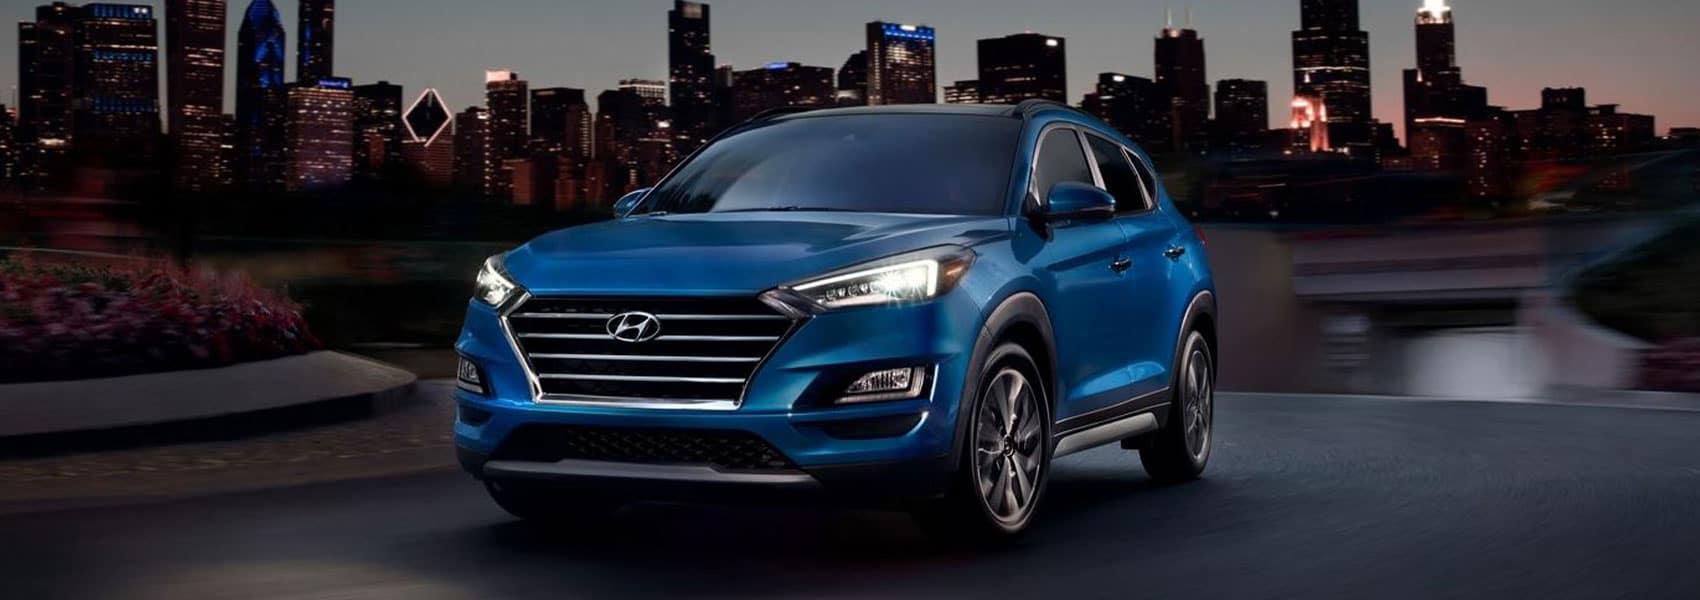 2021-Hyundai-Tuscon